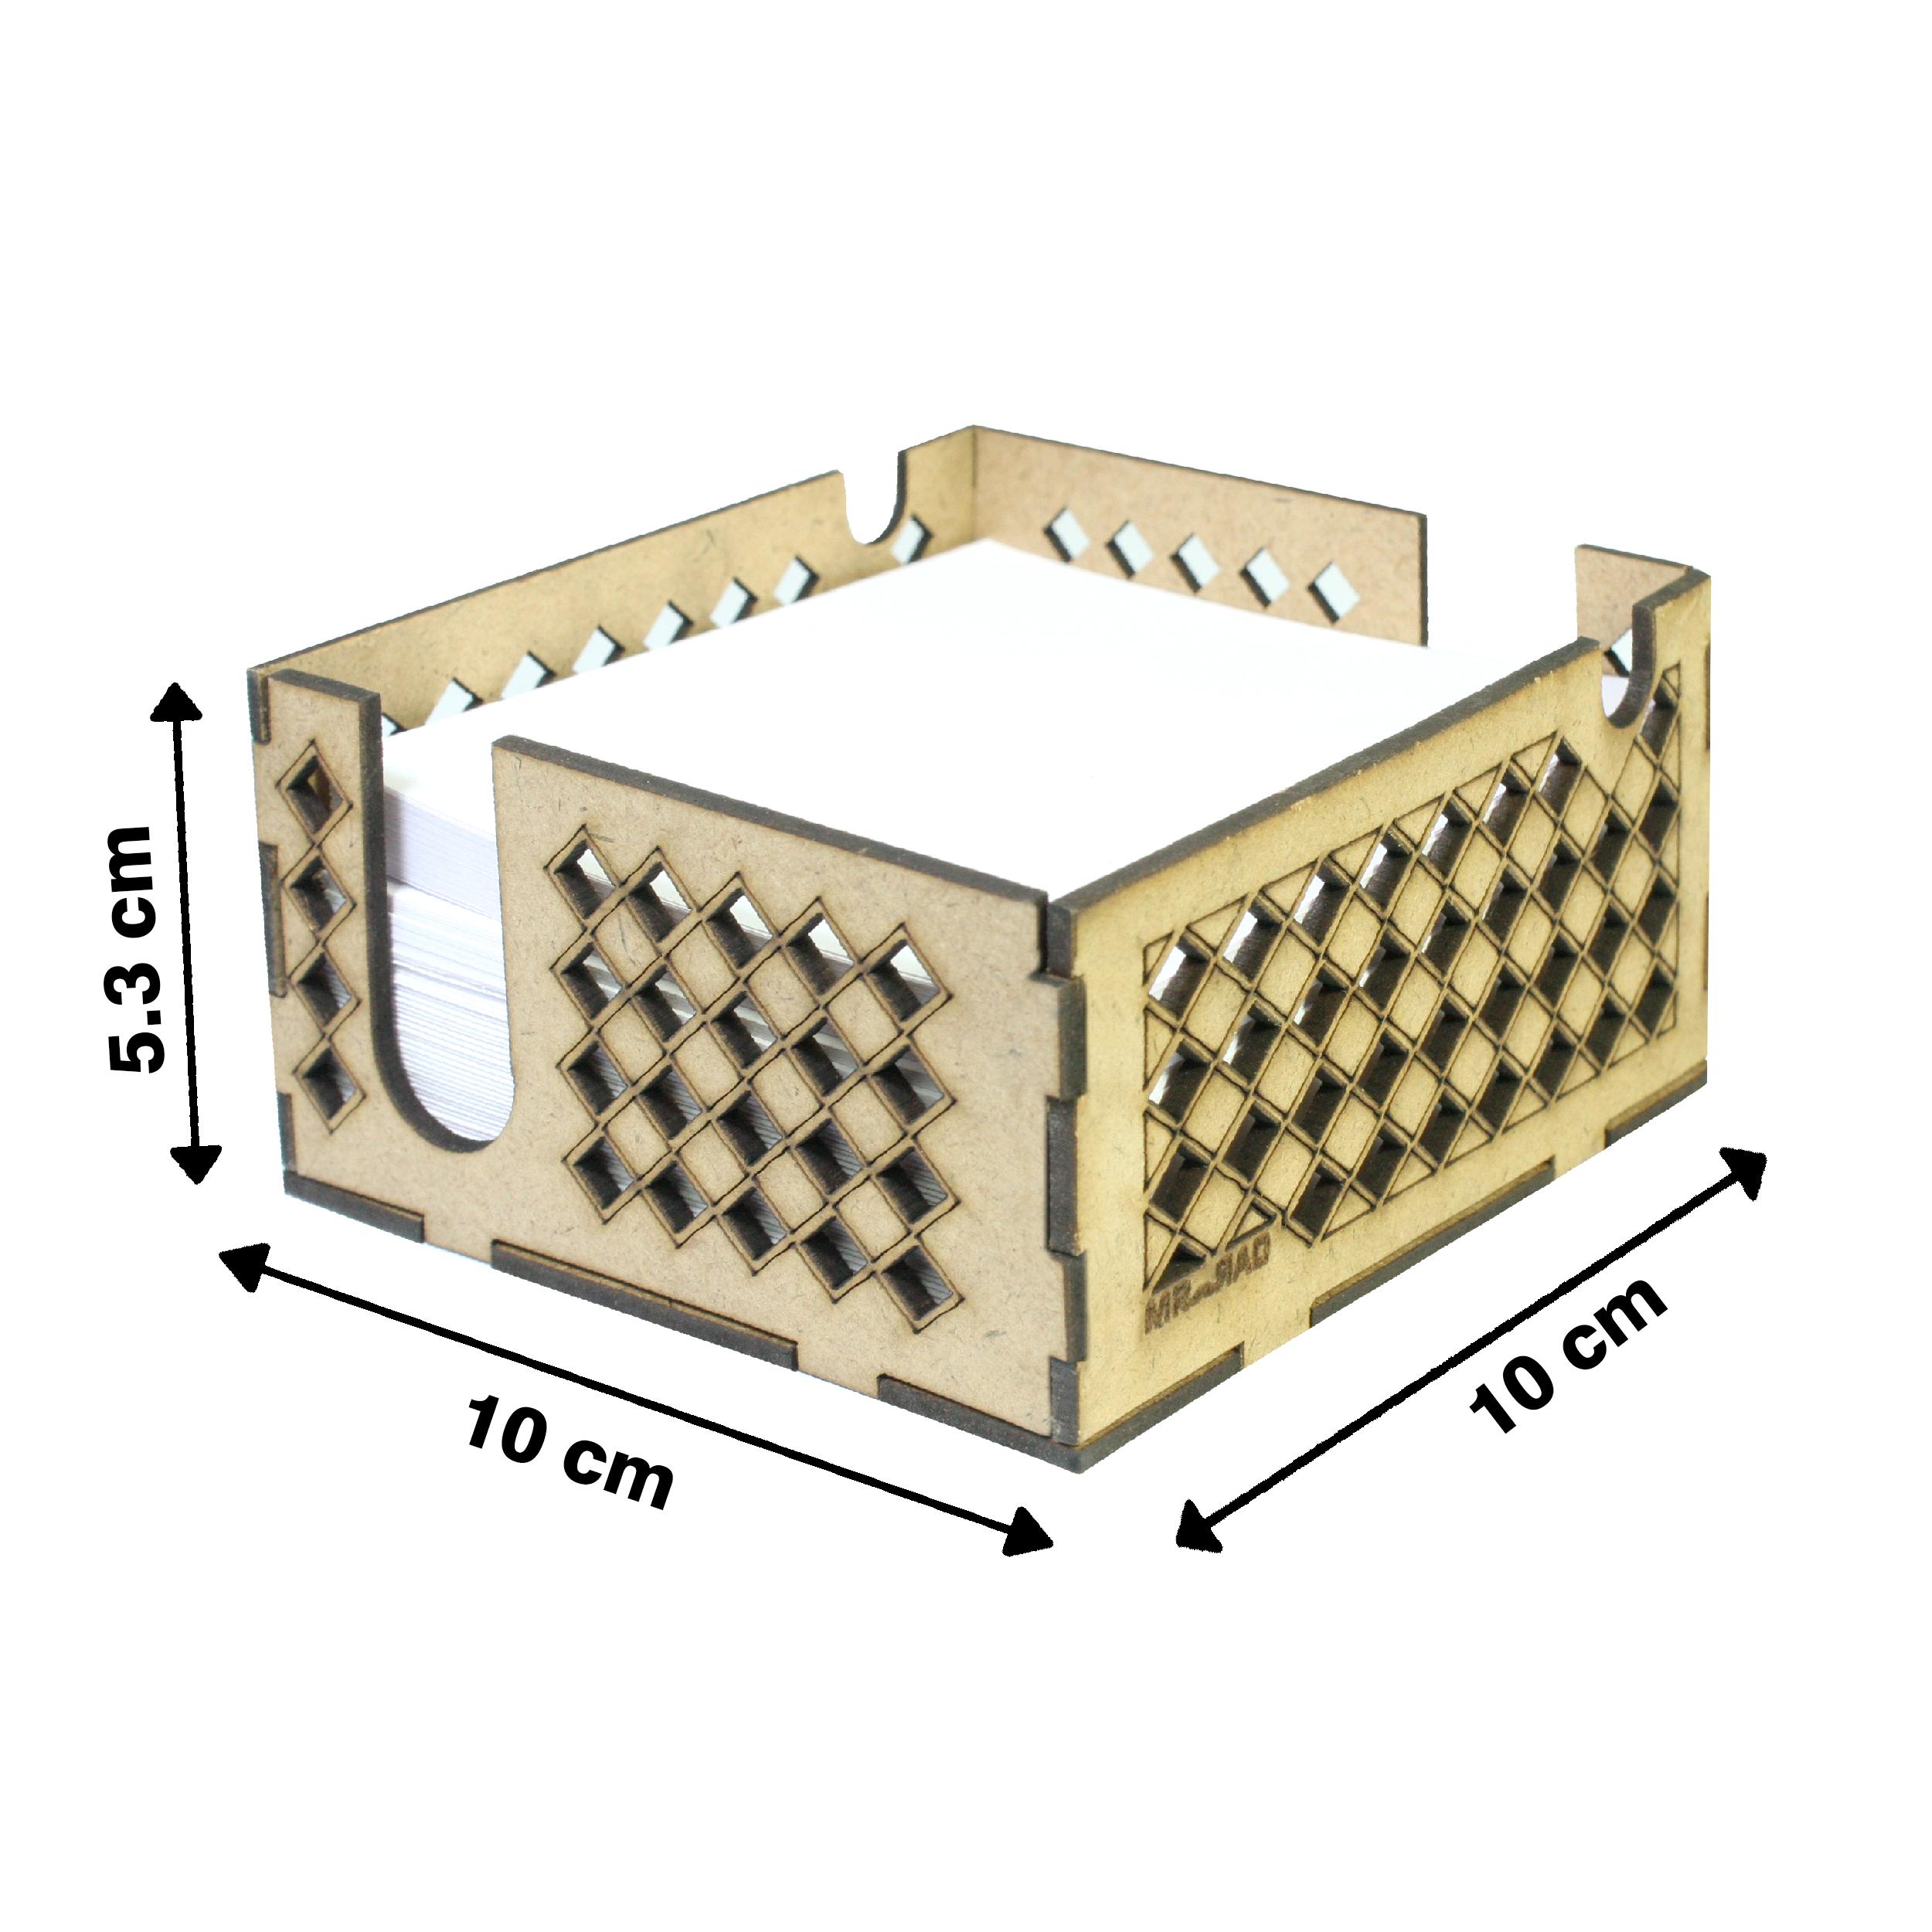 جای کاغذ یادداشت FG مدل پاتریکس کد 1424 به همراه کاغذ